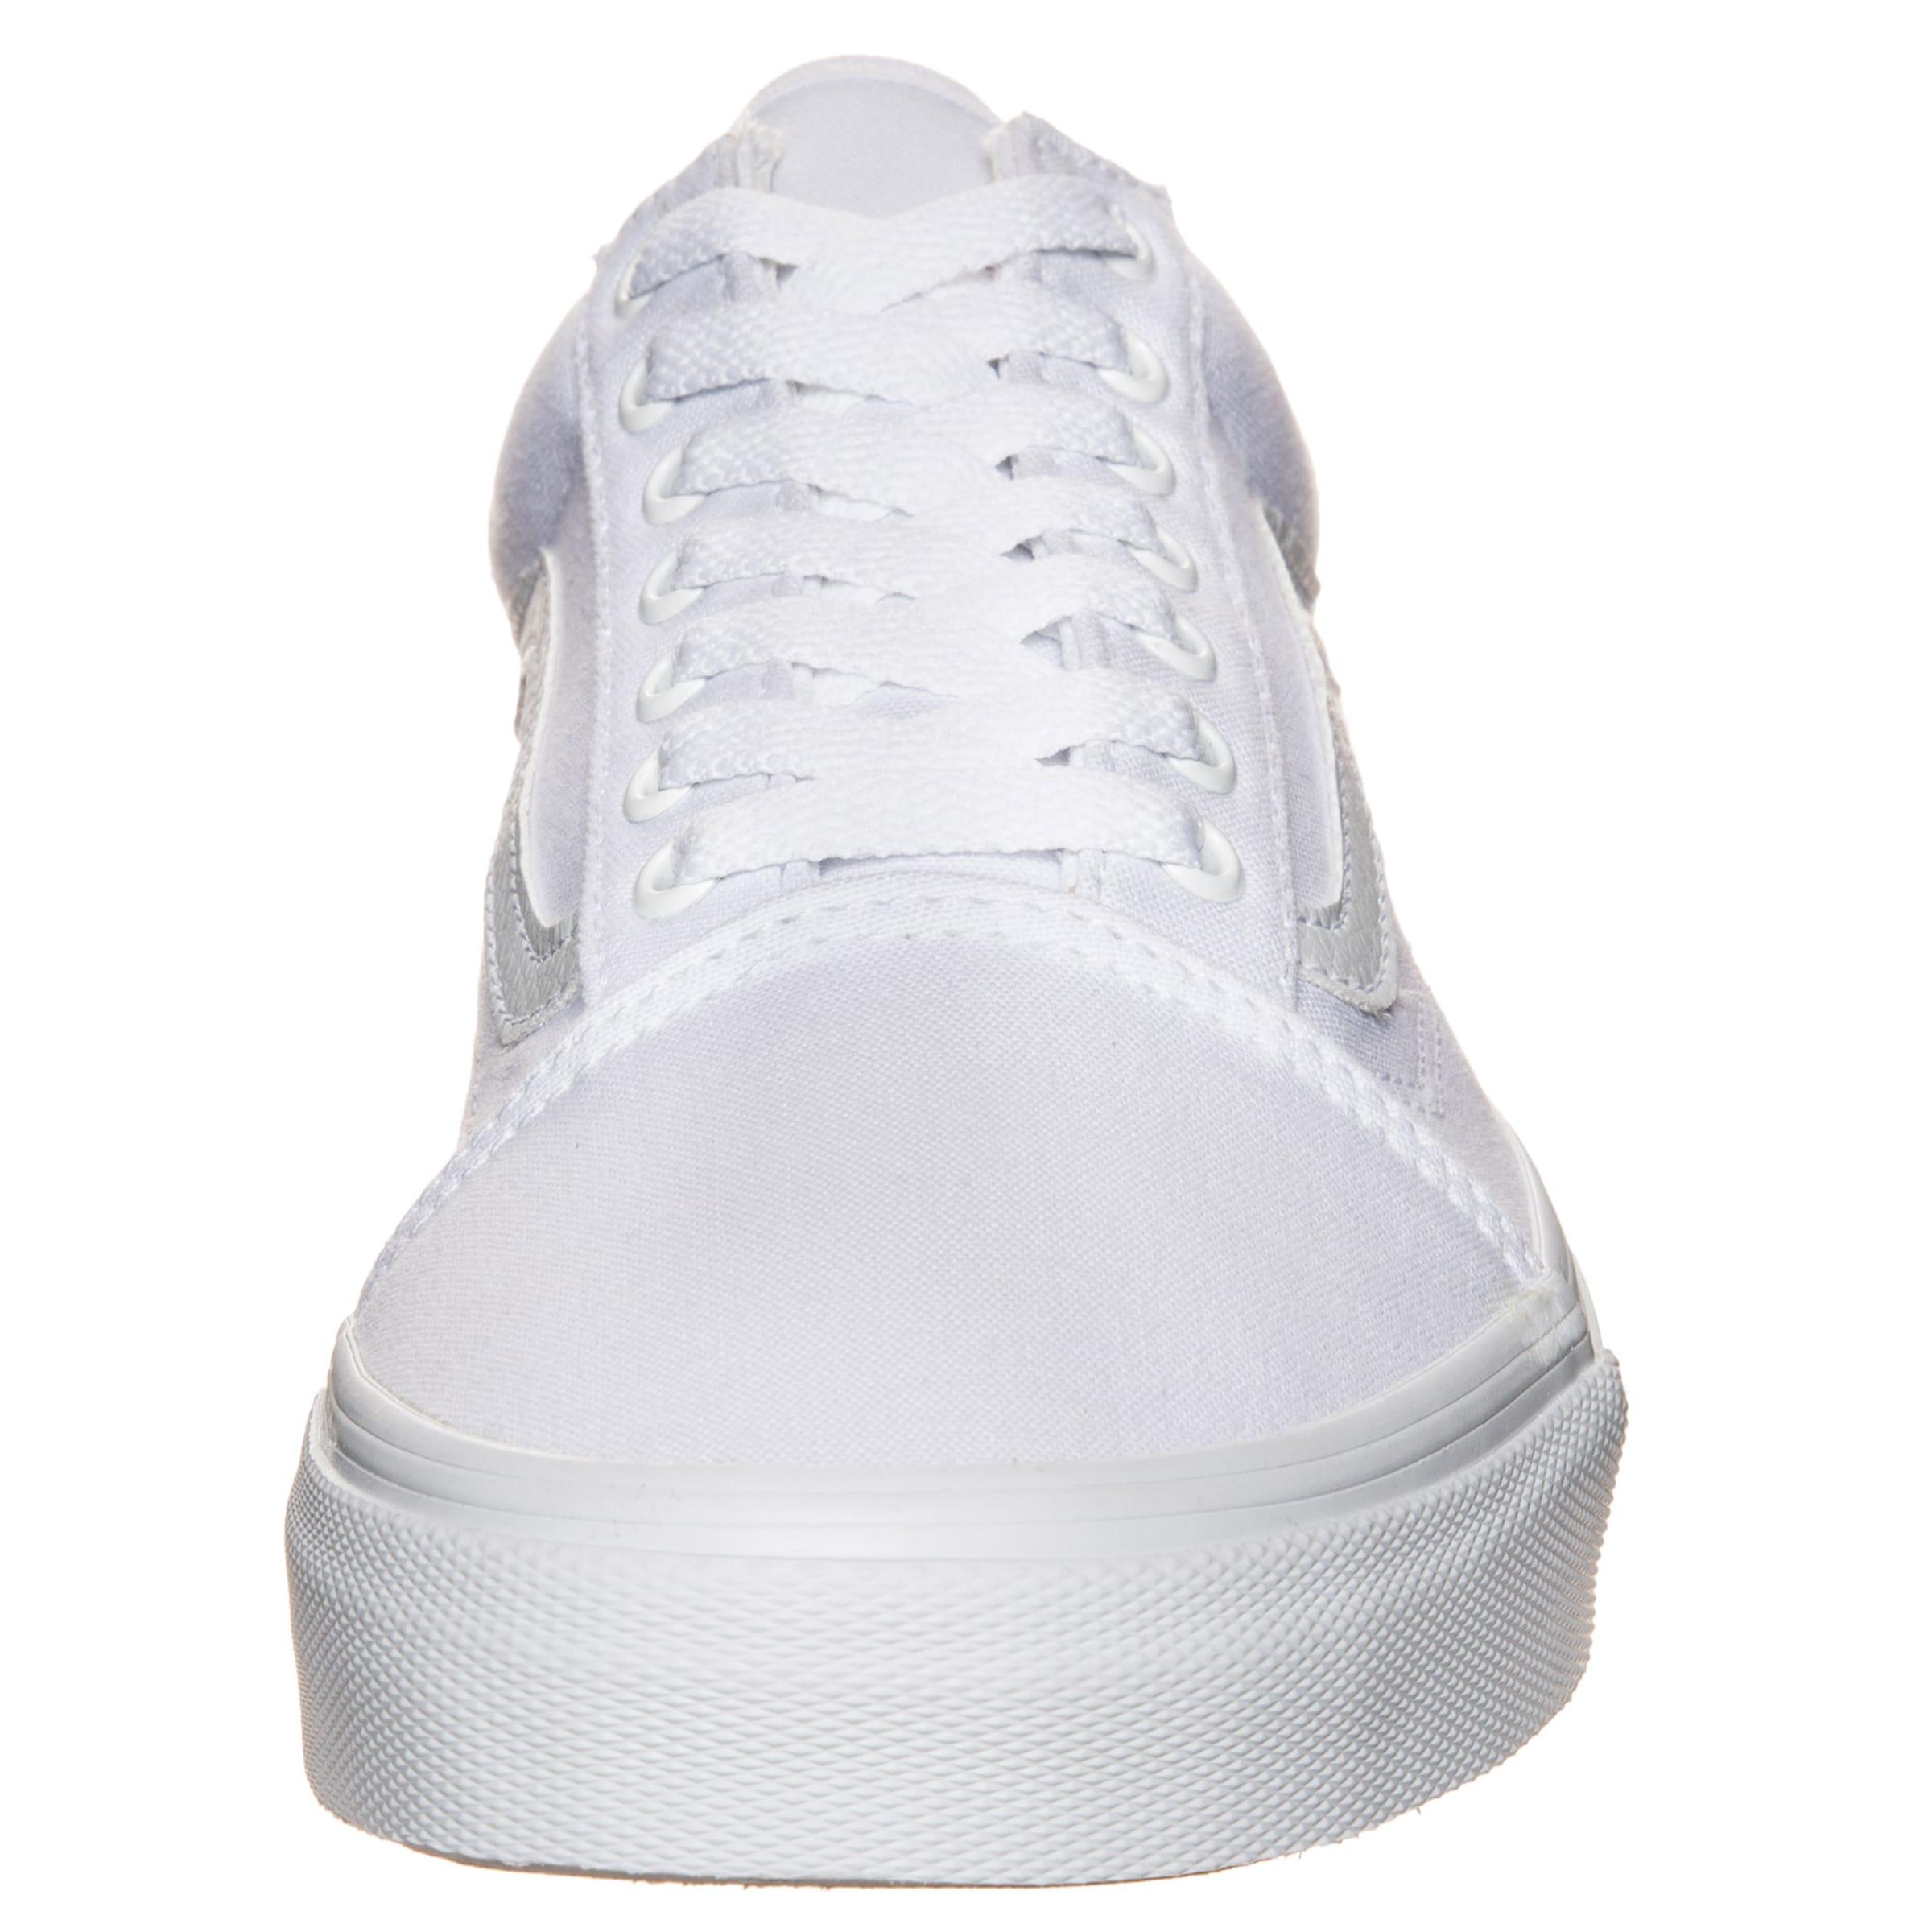 VANS Sneaker Old Skool Finden Großen Günstigen Preis Einkaufen Outlet Online Niedriger Versand Beste Wahl y8awNG